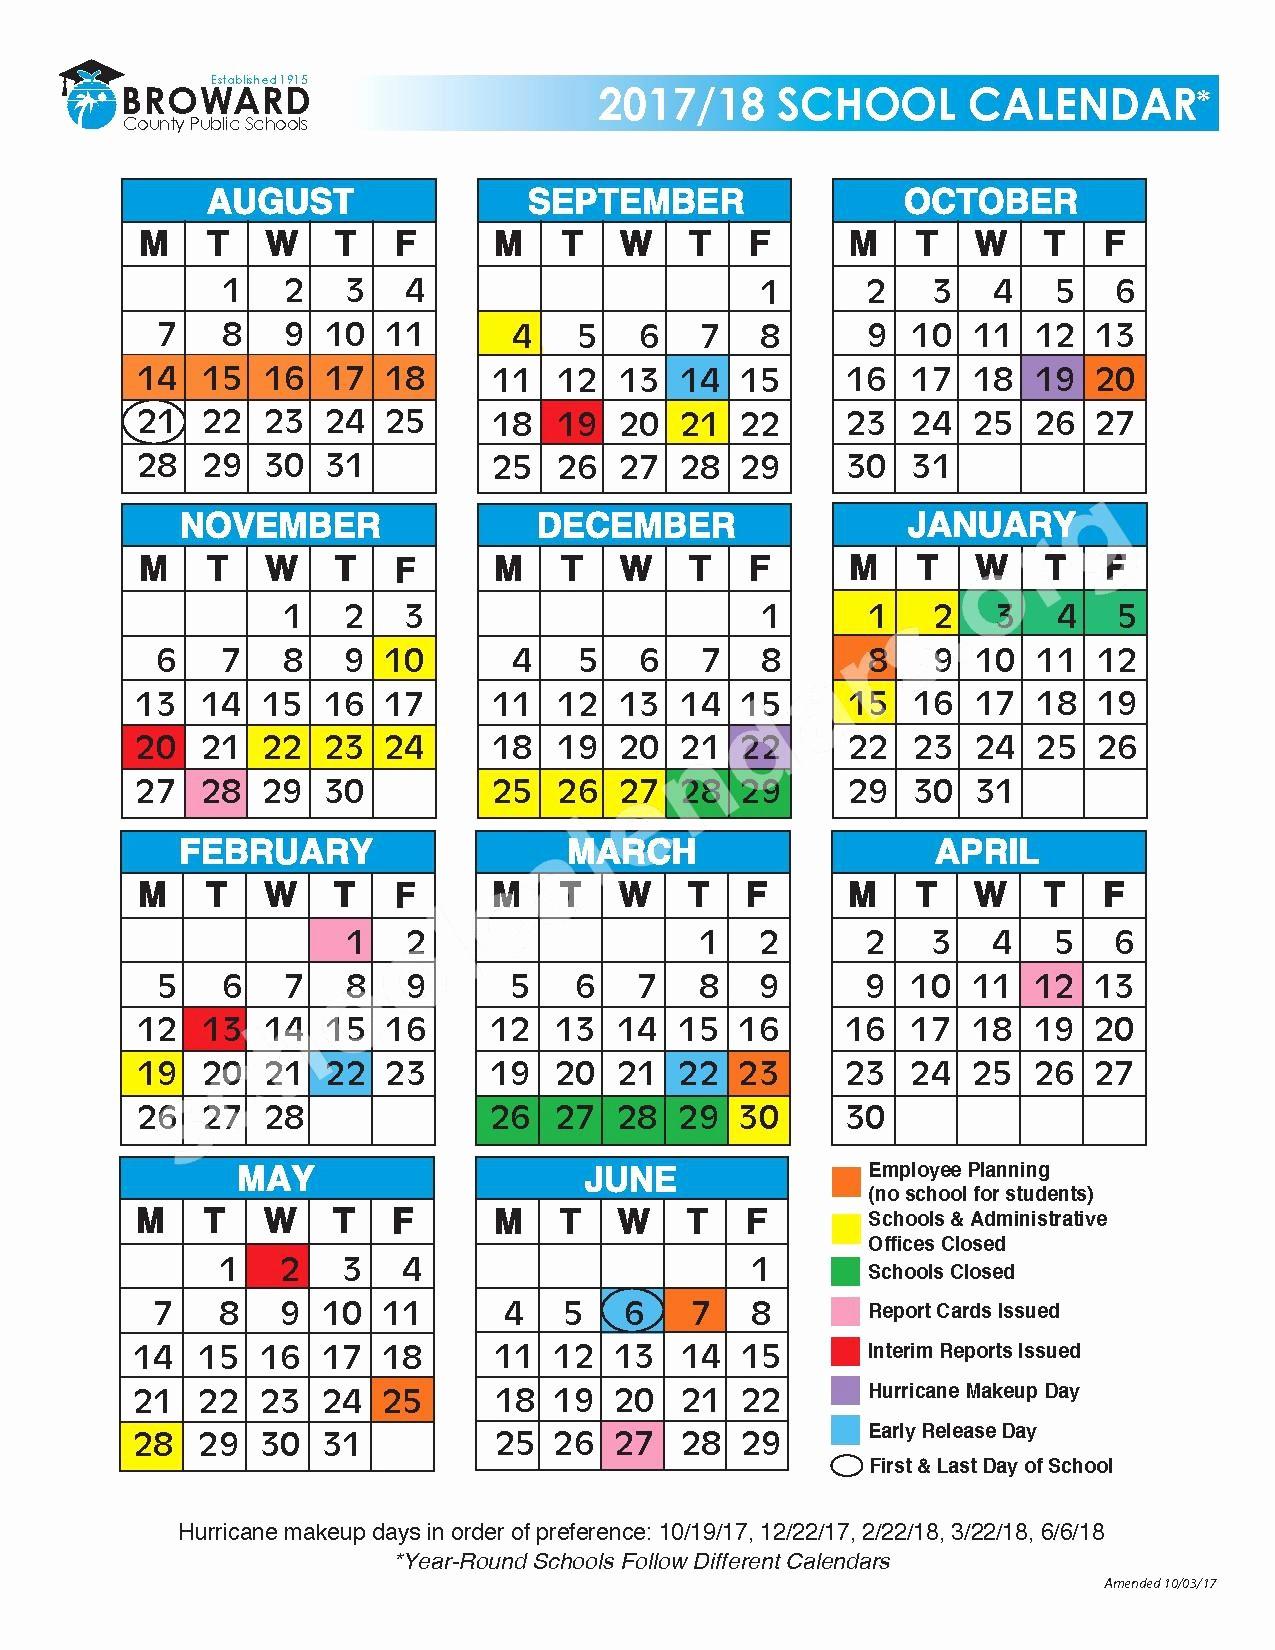 Calendario Escolar 2019 Broward Actual Tag Miami Dade Calendar 2017 18